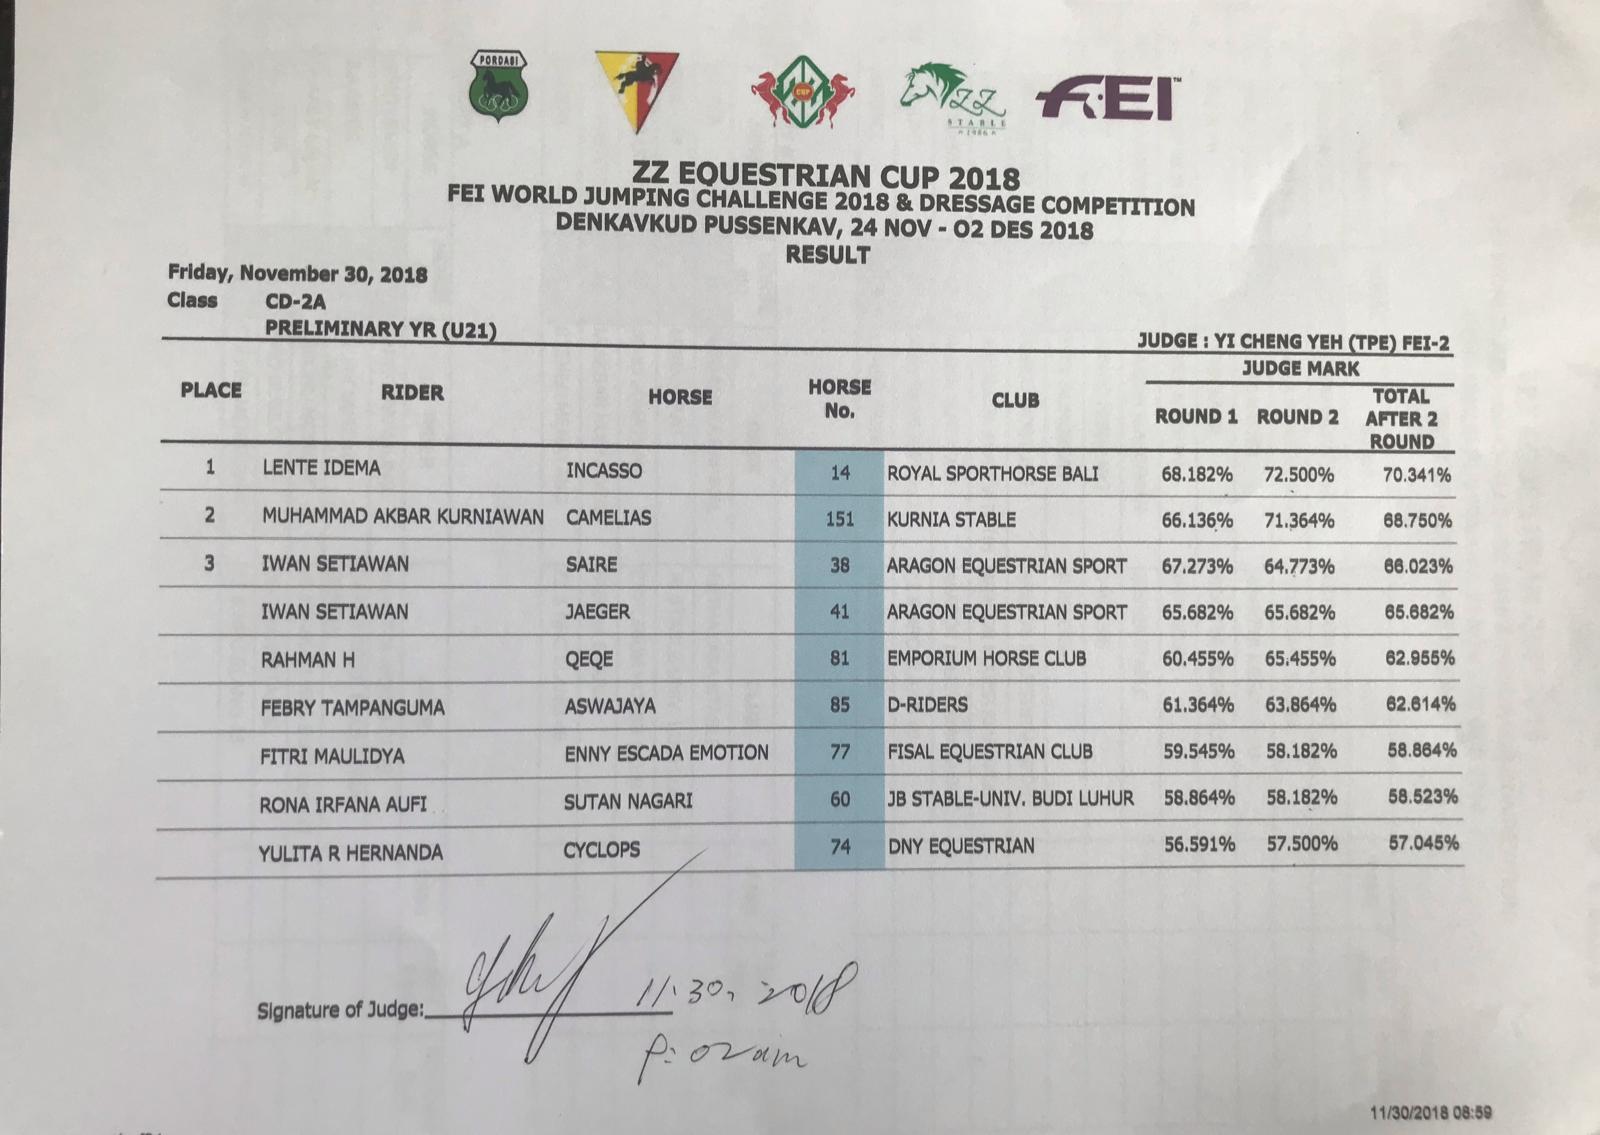 Preliminary u21 Result